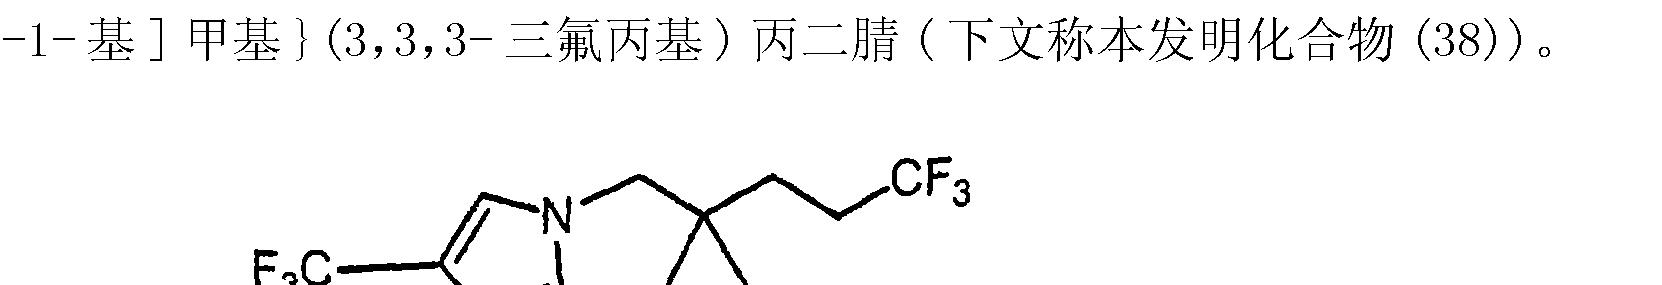 Figure CN101544606BD00441